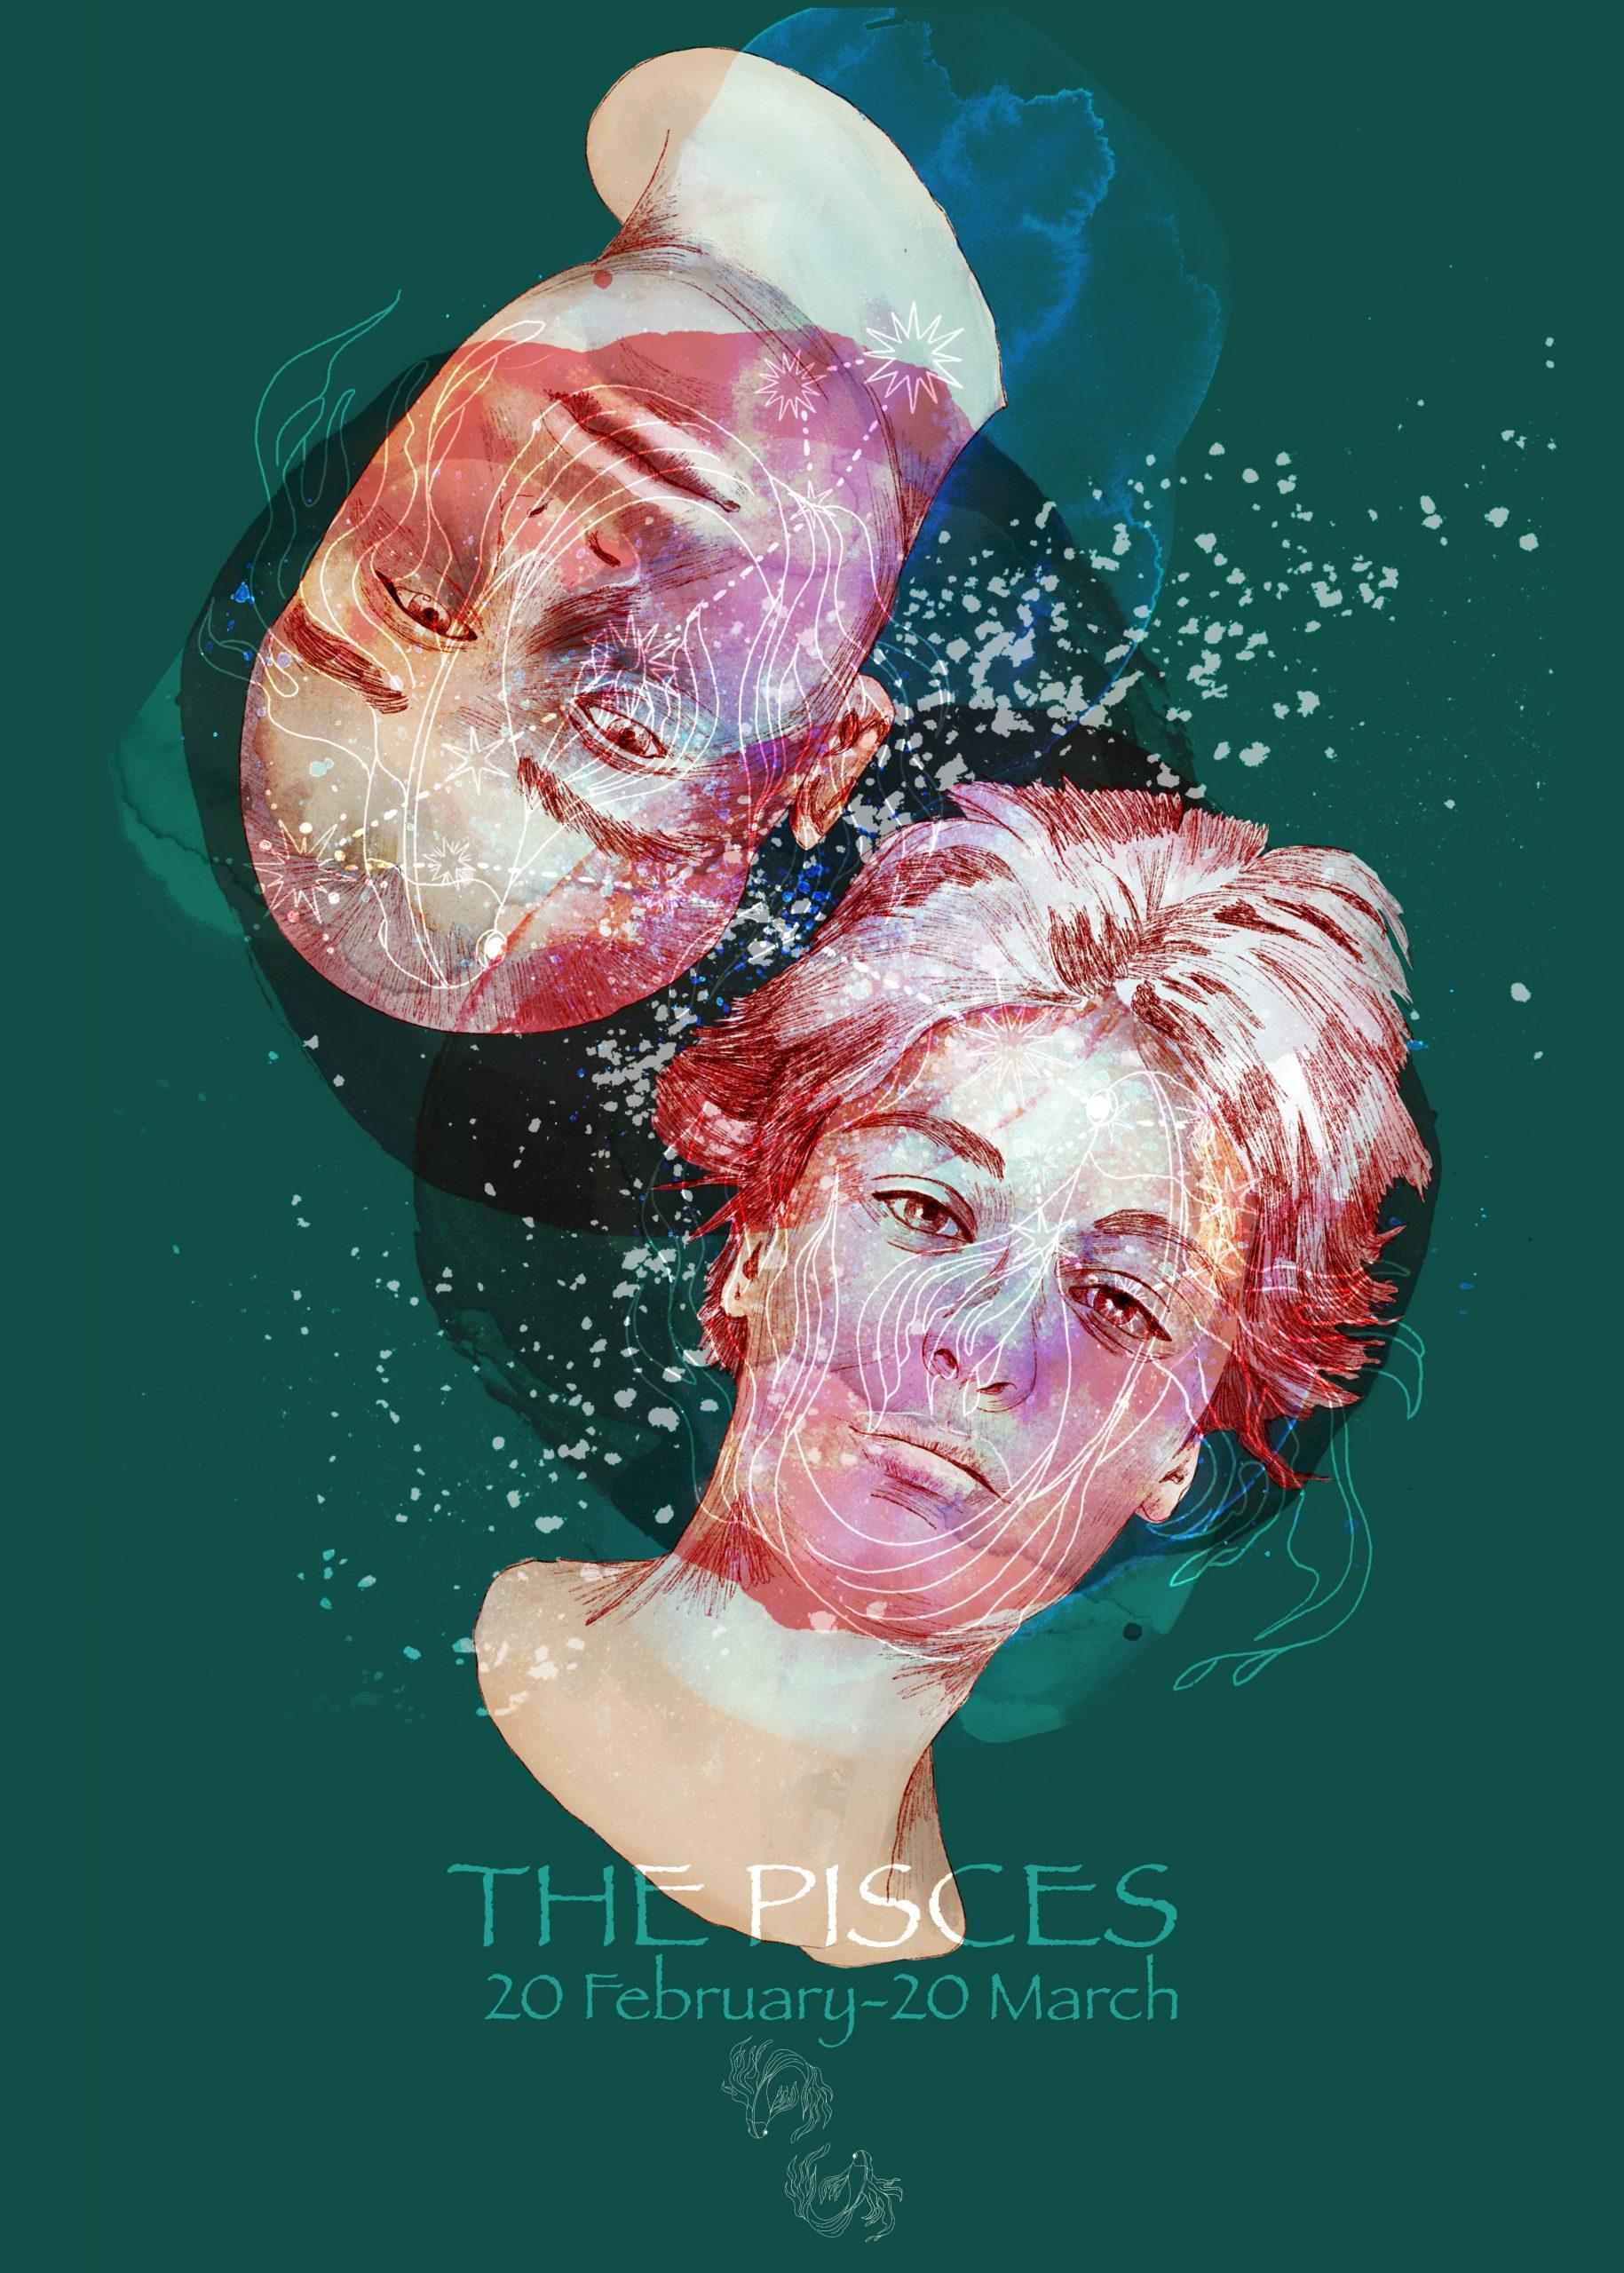 PORTRAIT / THE PISCES A collection de portraits sur le thème de l'astrologie.